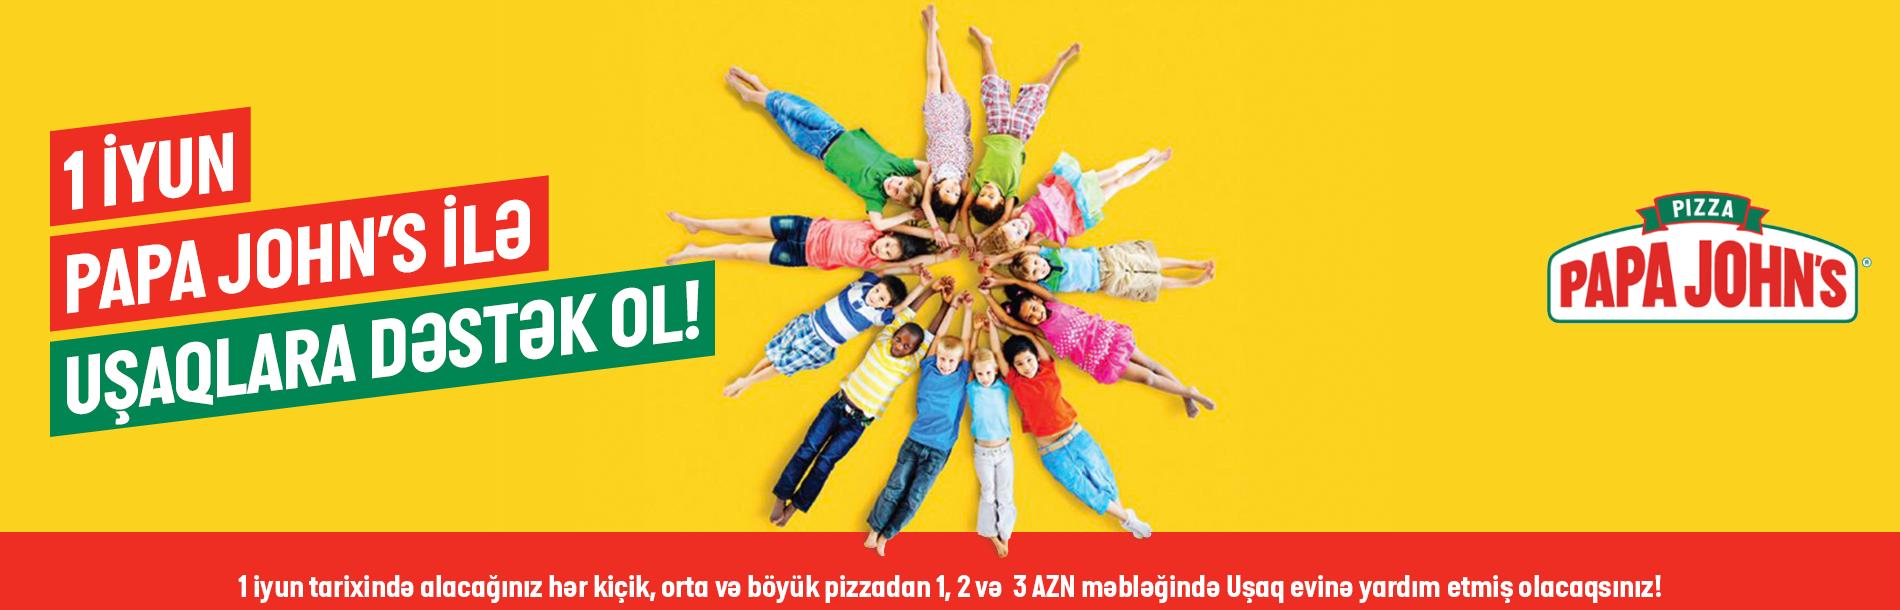 banner-ushaqlar-kampaniya%20yeni